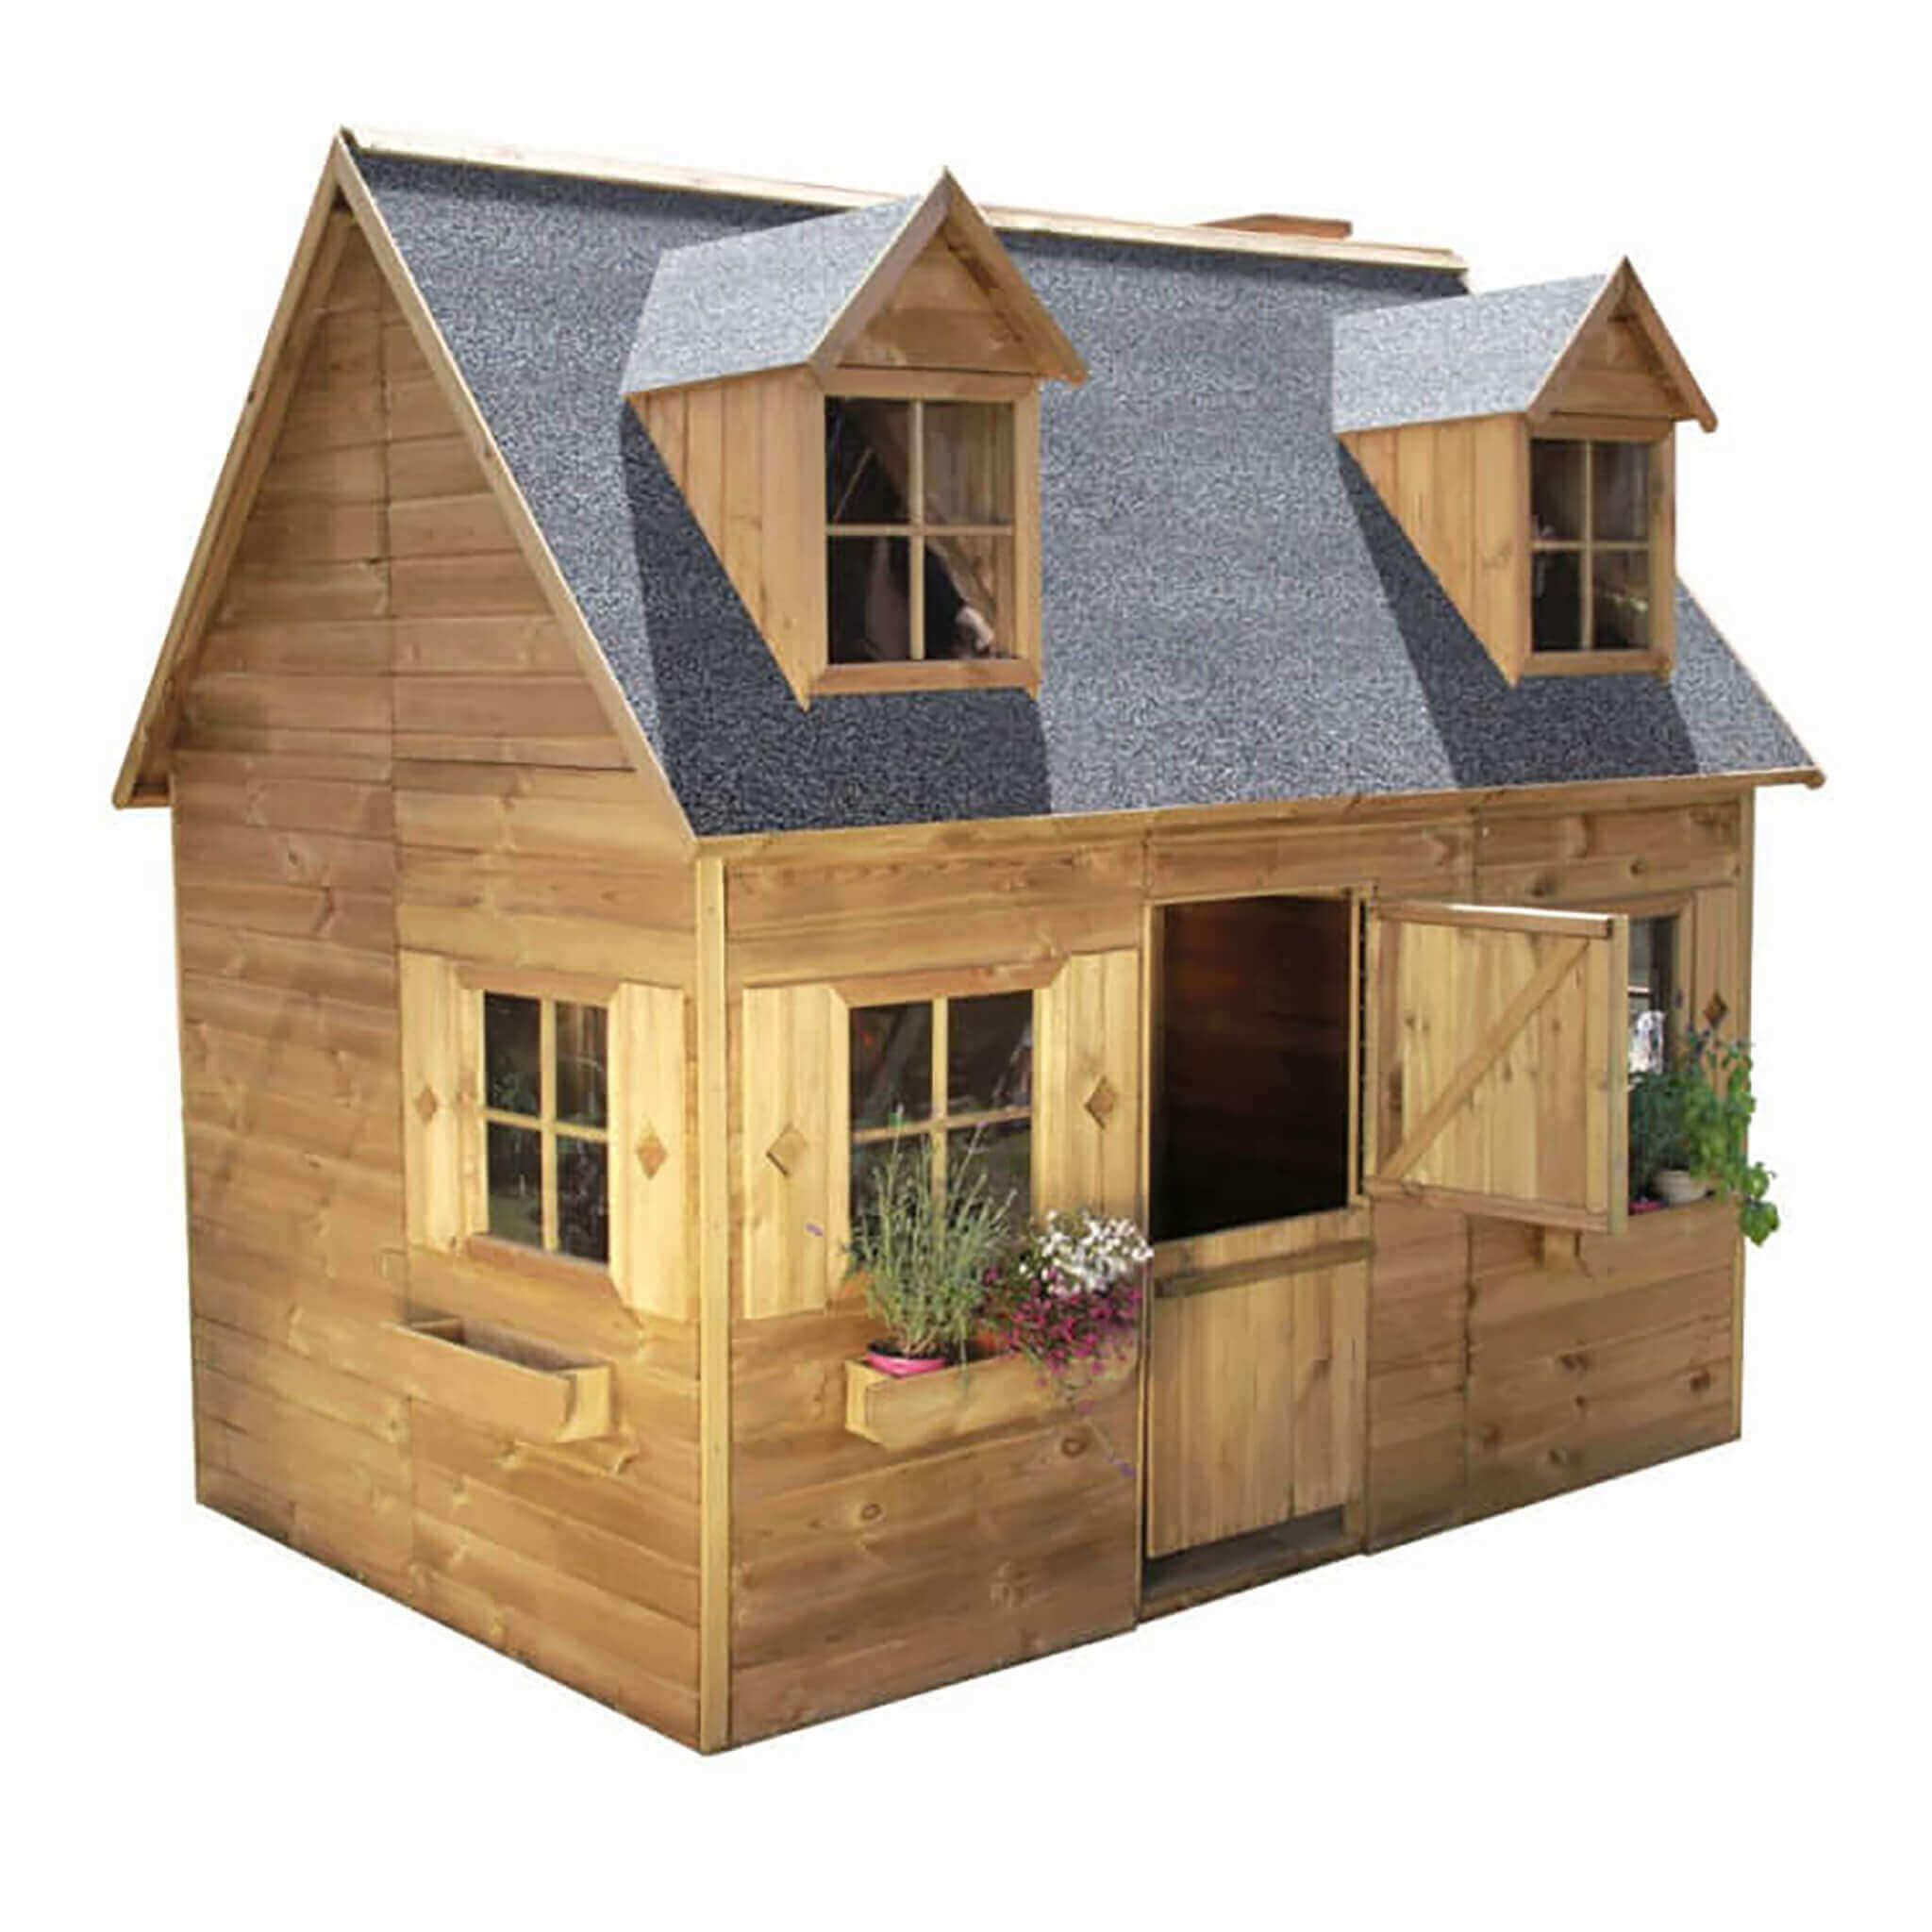 milani home desy - casetta in legno per bambini